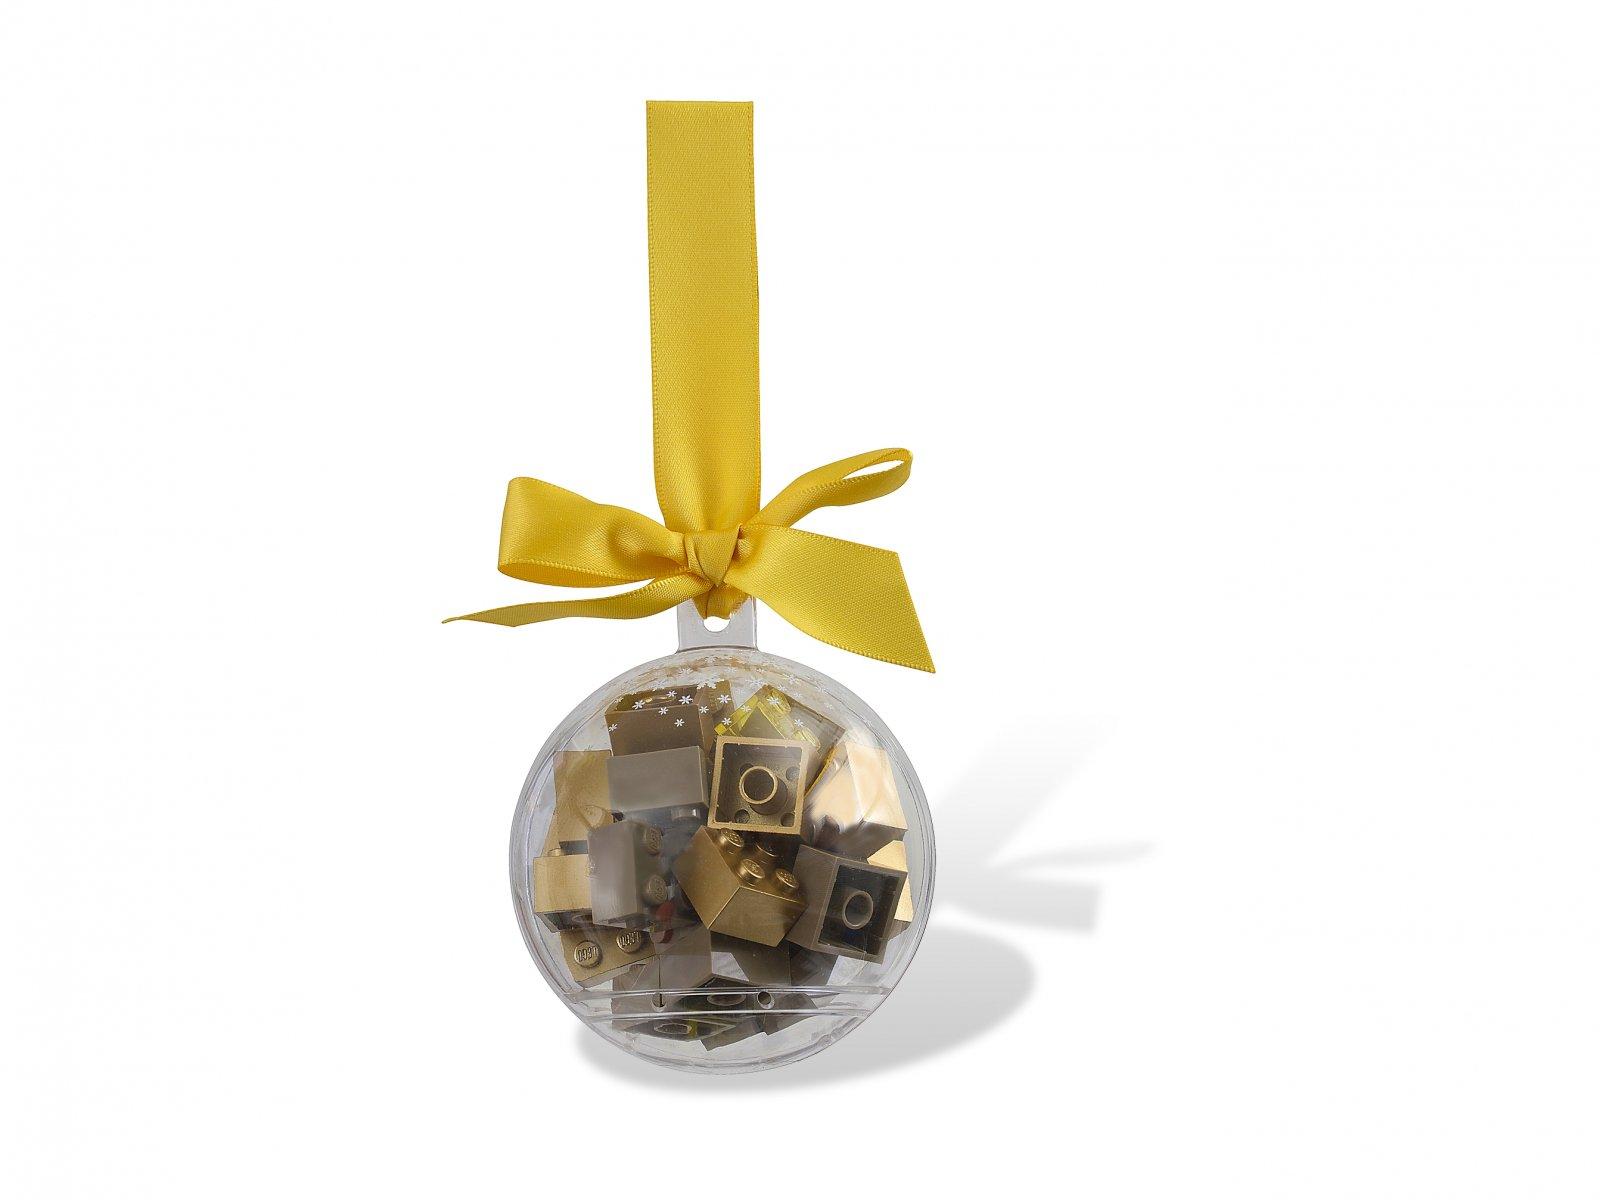 LEGO 853345 Ozdoba świąteczna ze złotymi klockami